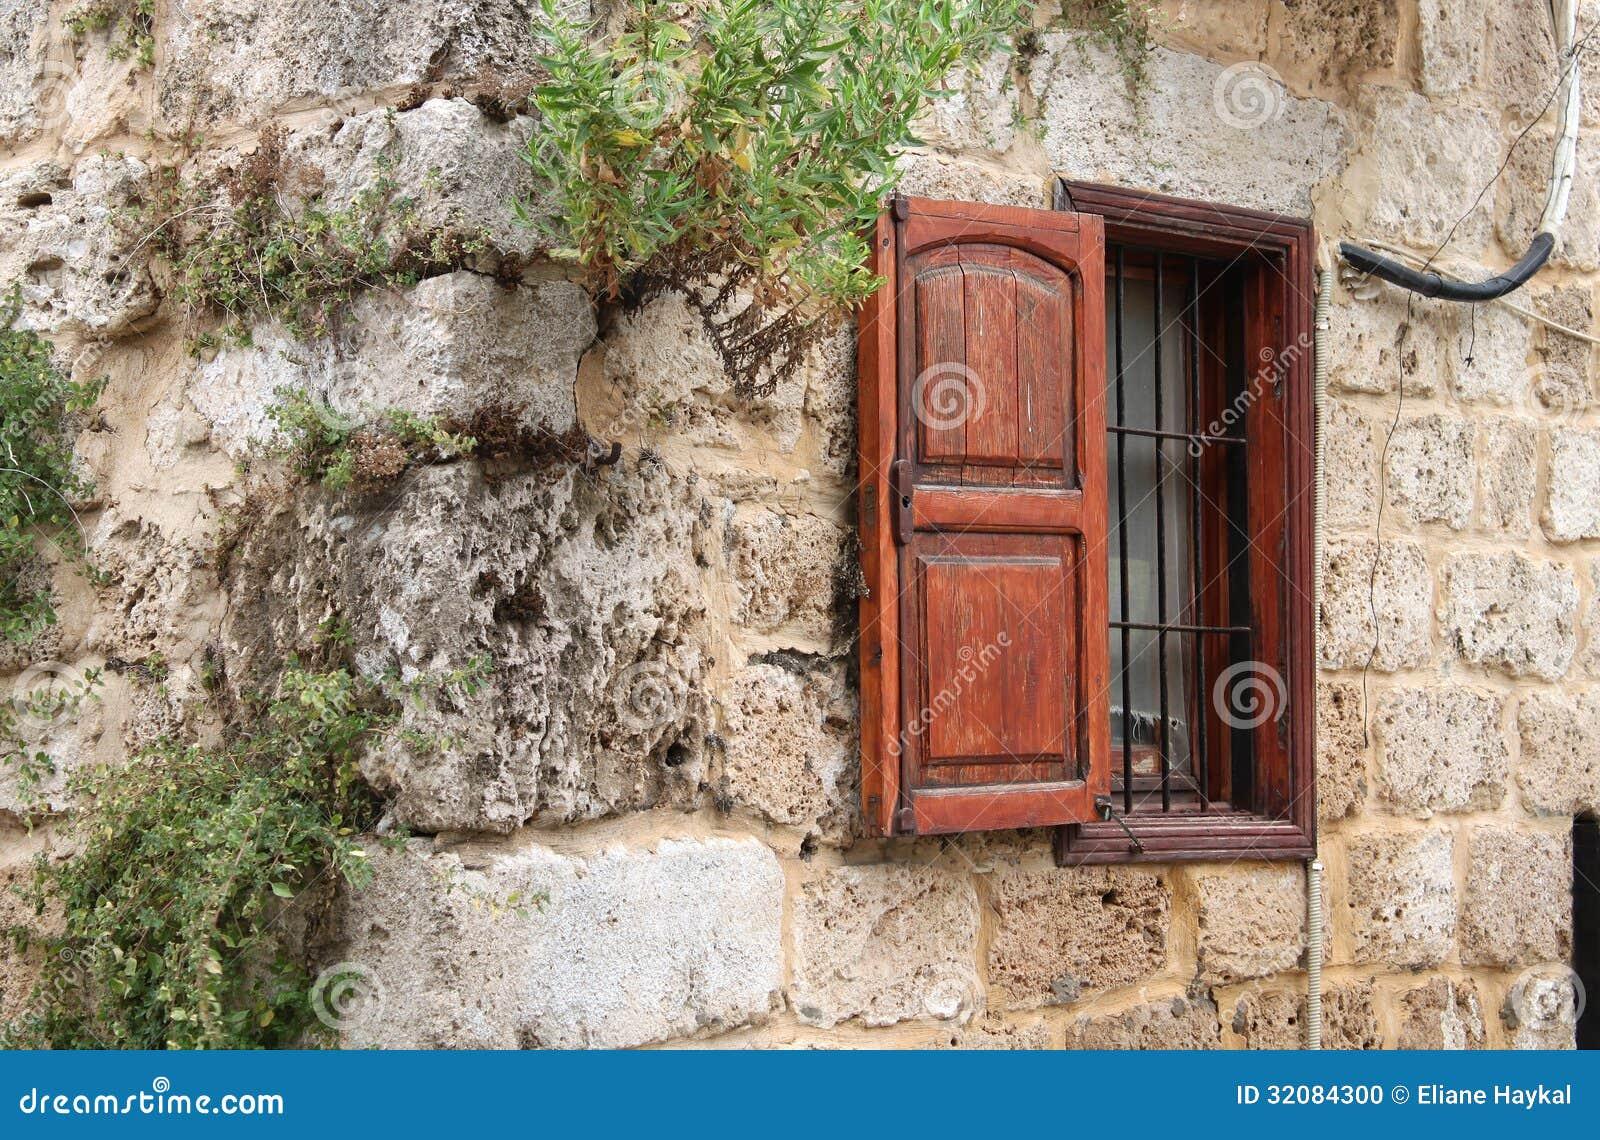 #944D37 Uma janela rústica com o obturador de madeira na parte externa de uma  598 Janelas Em Madeira Rusticas